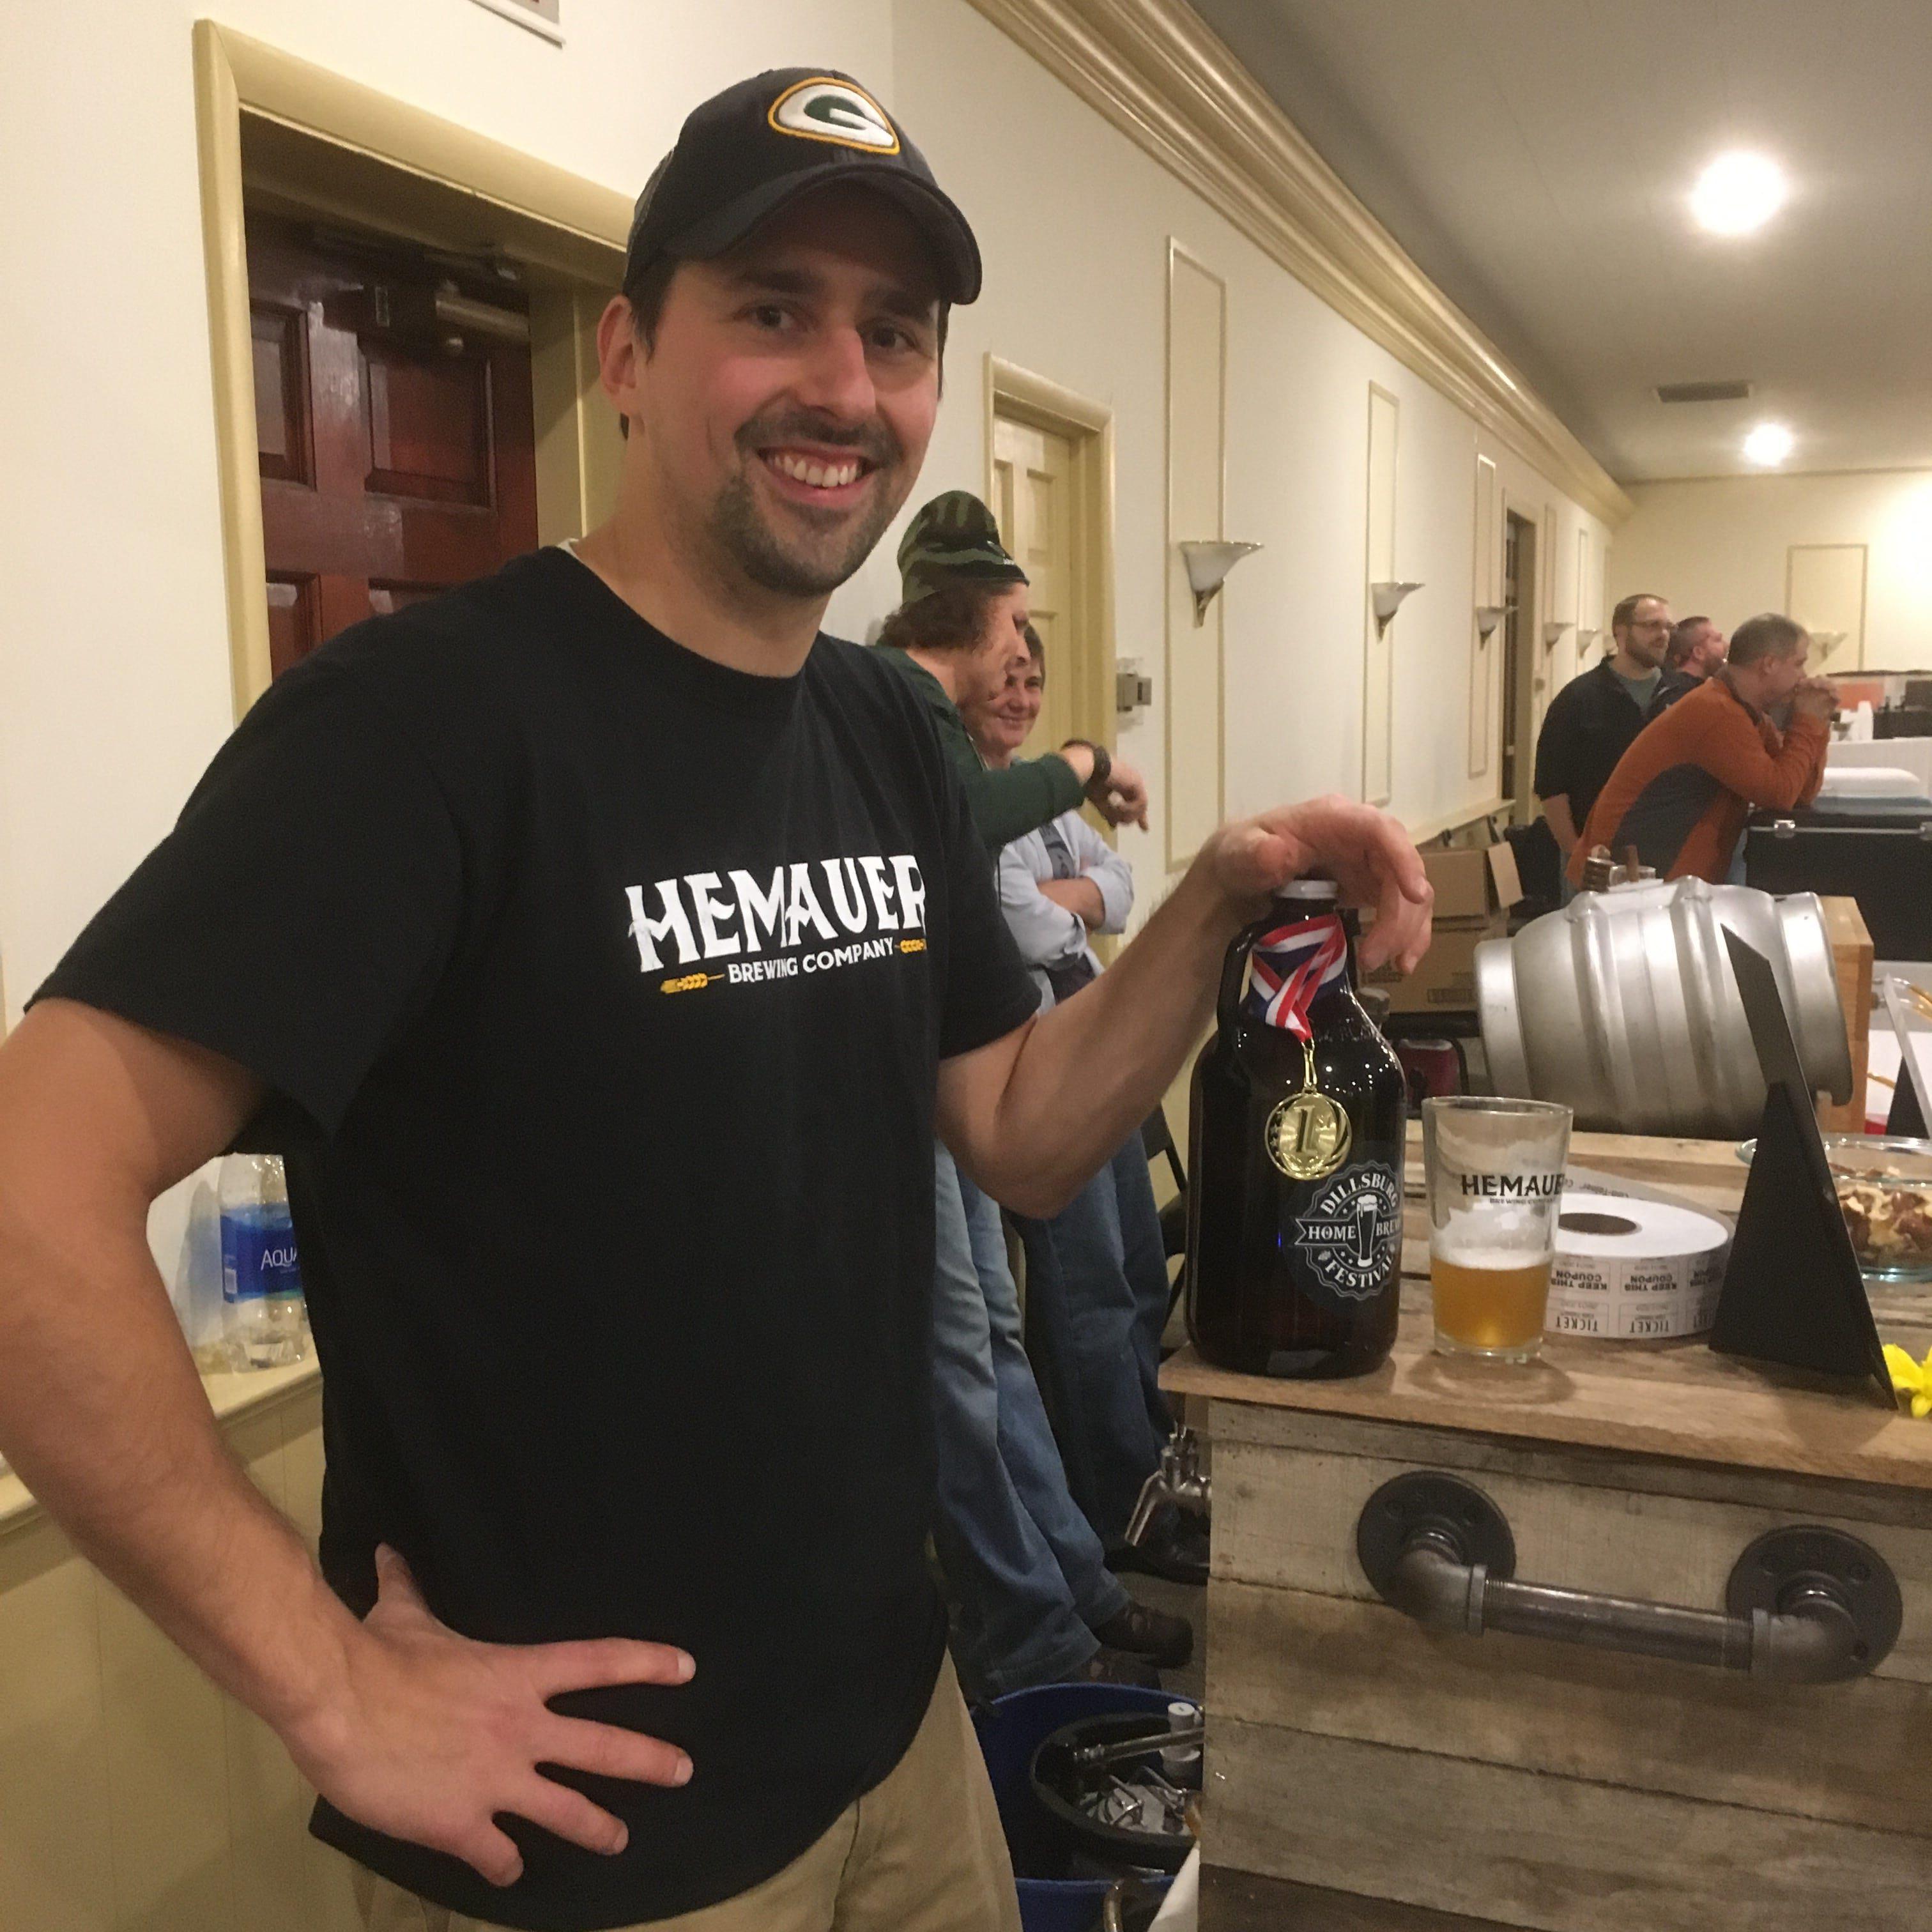 Hello Hemauer Brewing Fans